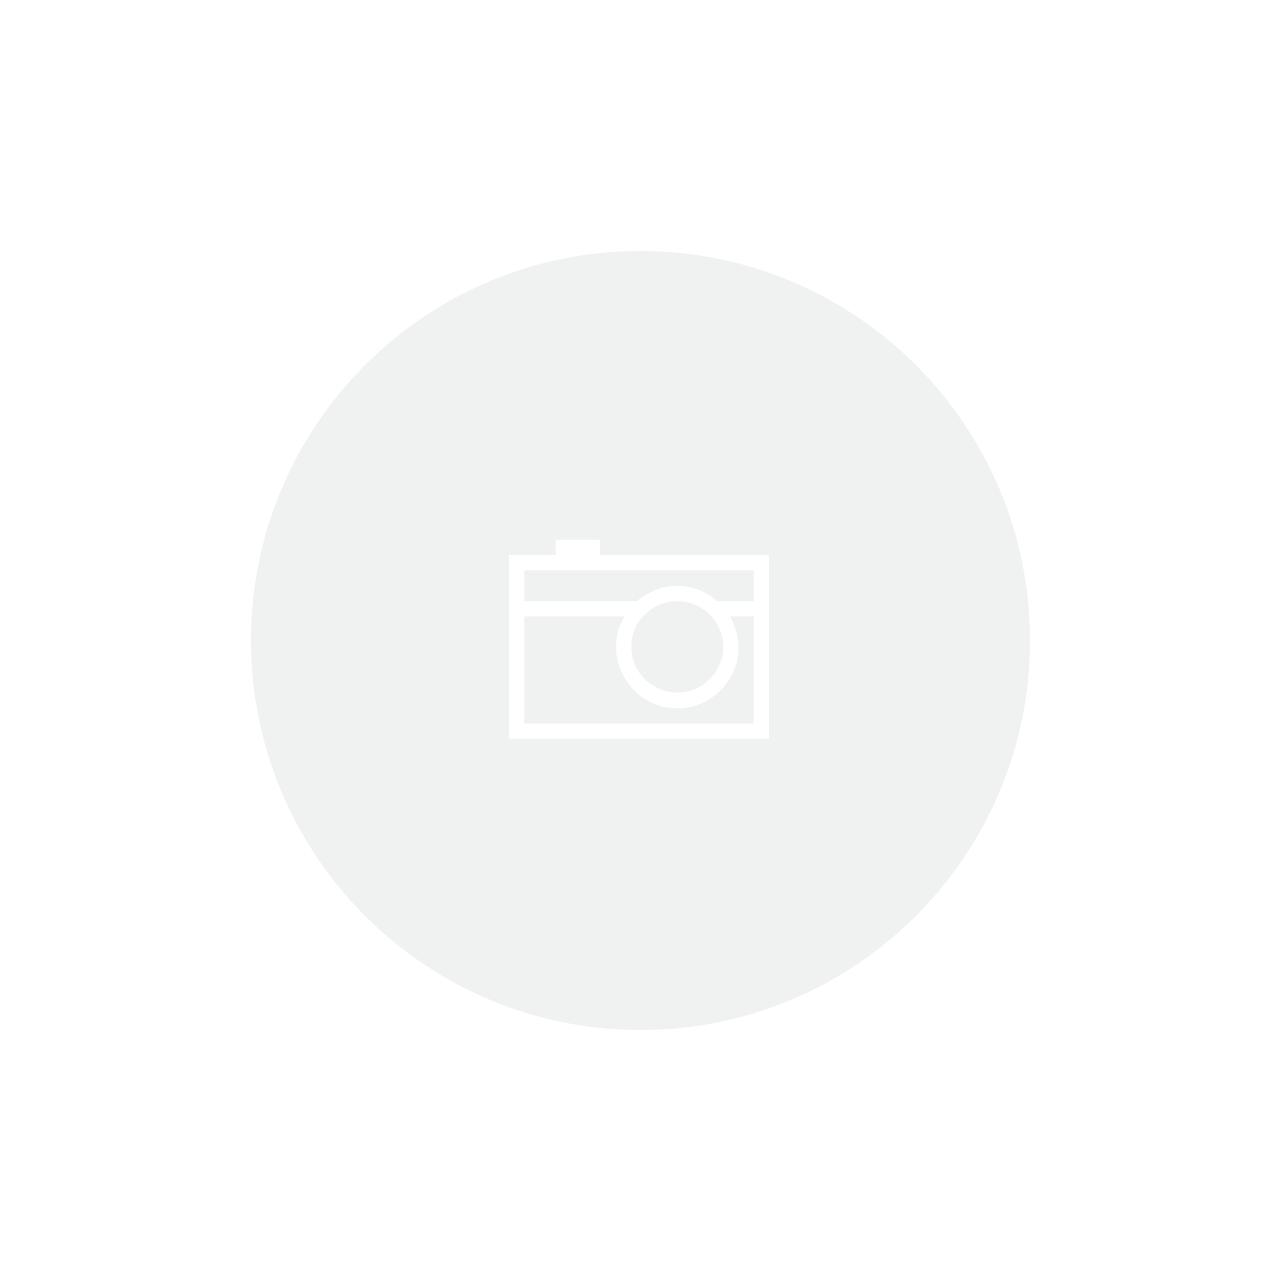 82 Catador Awards